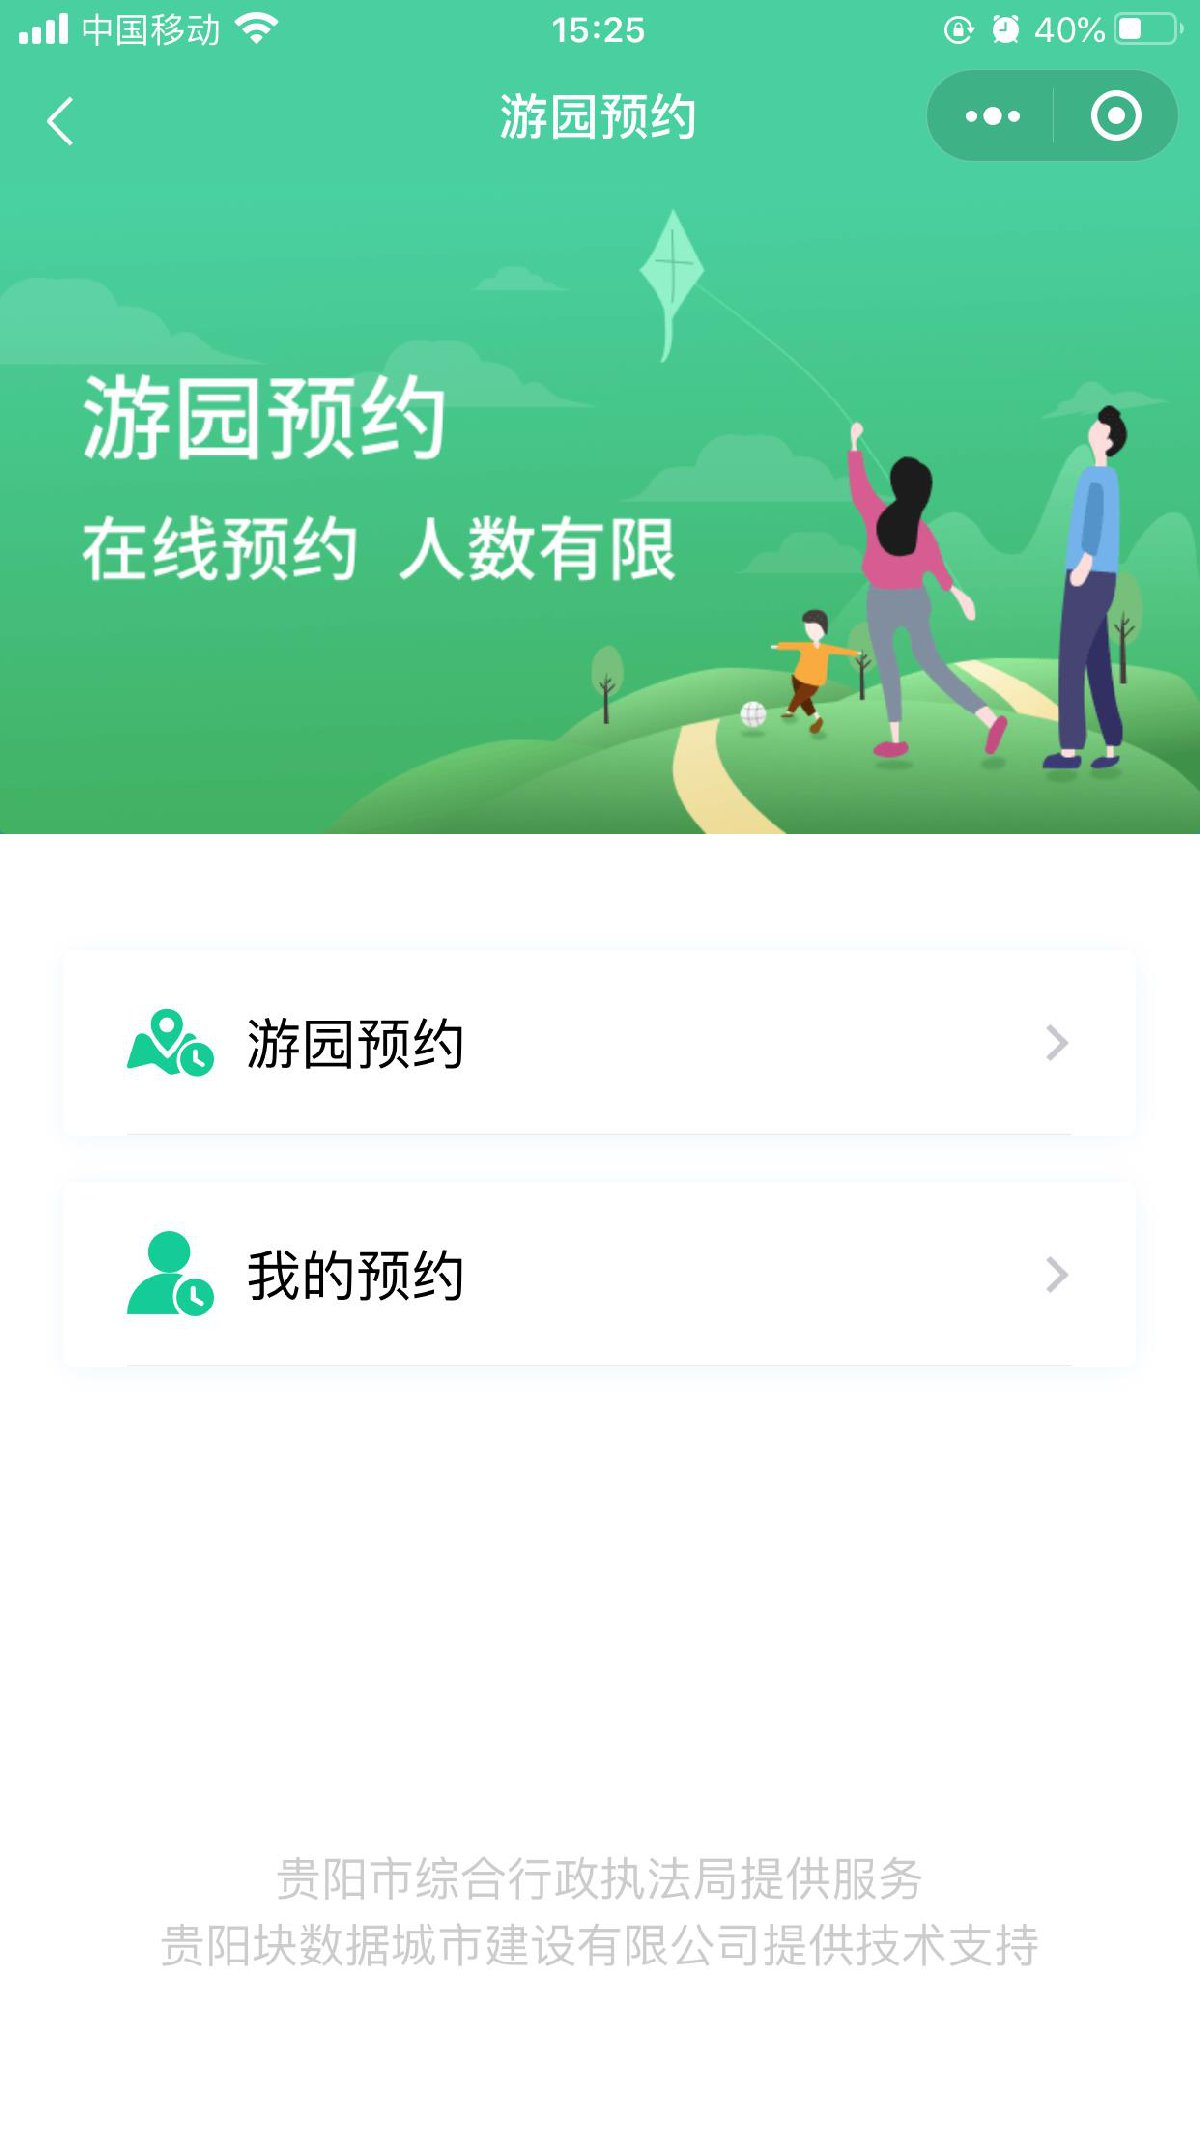 2020贵阳公园预约流程指南